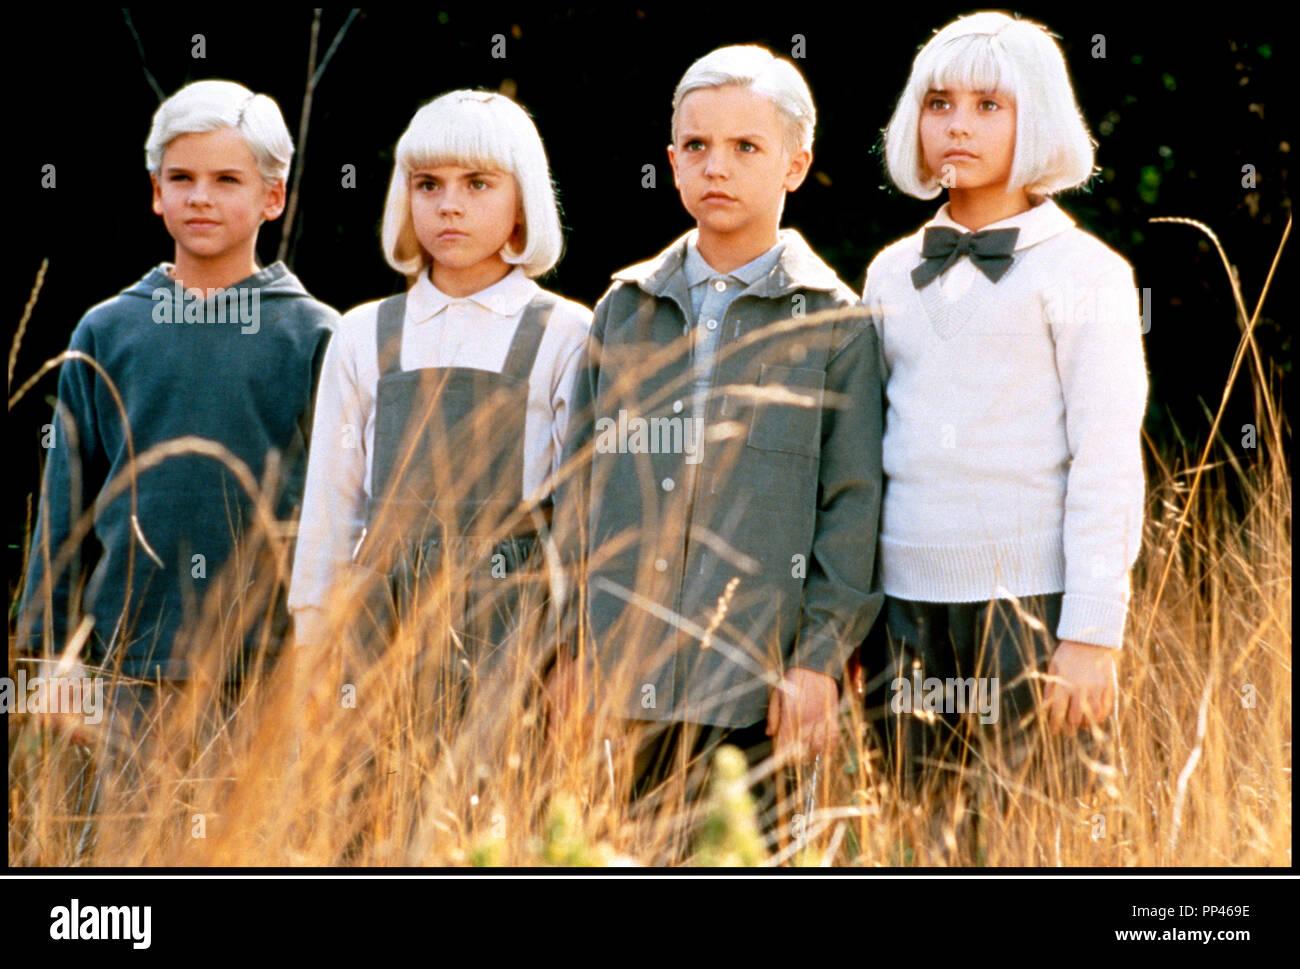 Prod DB © Universal / Alphaville Films / DR LE VILLAGE DES DAMNES (VILLAGE OF THE DAMNED) de John Carpenter 1995 USA enfants, fantastique, secte, cheveux argentes d'apres le roman de John Wyndham 'THE MIDWICH CUKOOS' John Carpenter remake de LE VILLAGE DES DAMNES (1960) - Stock Image